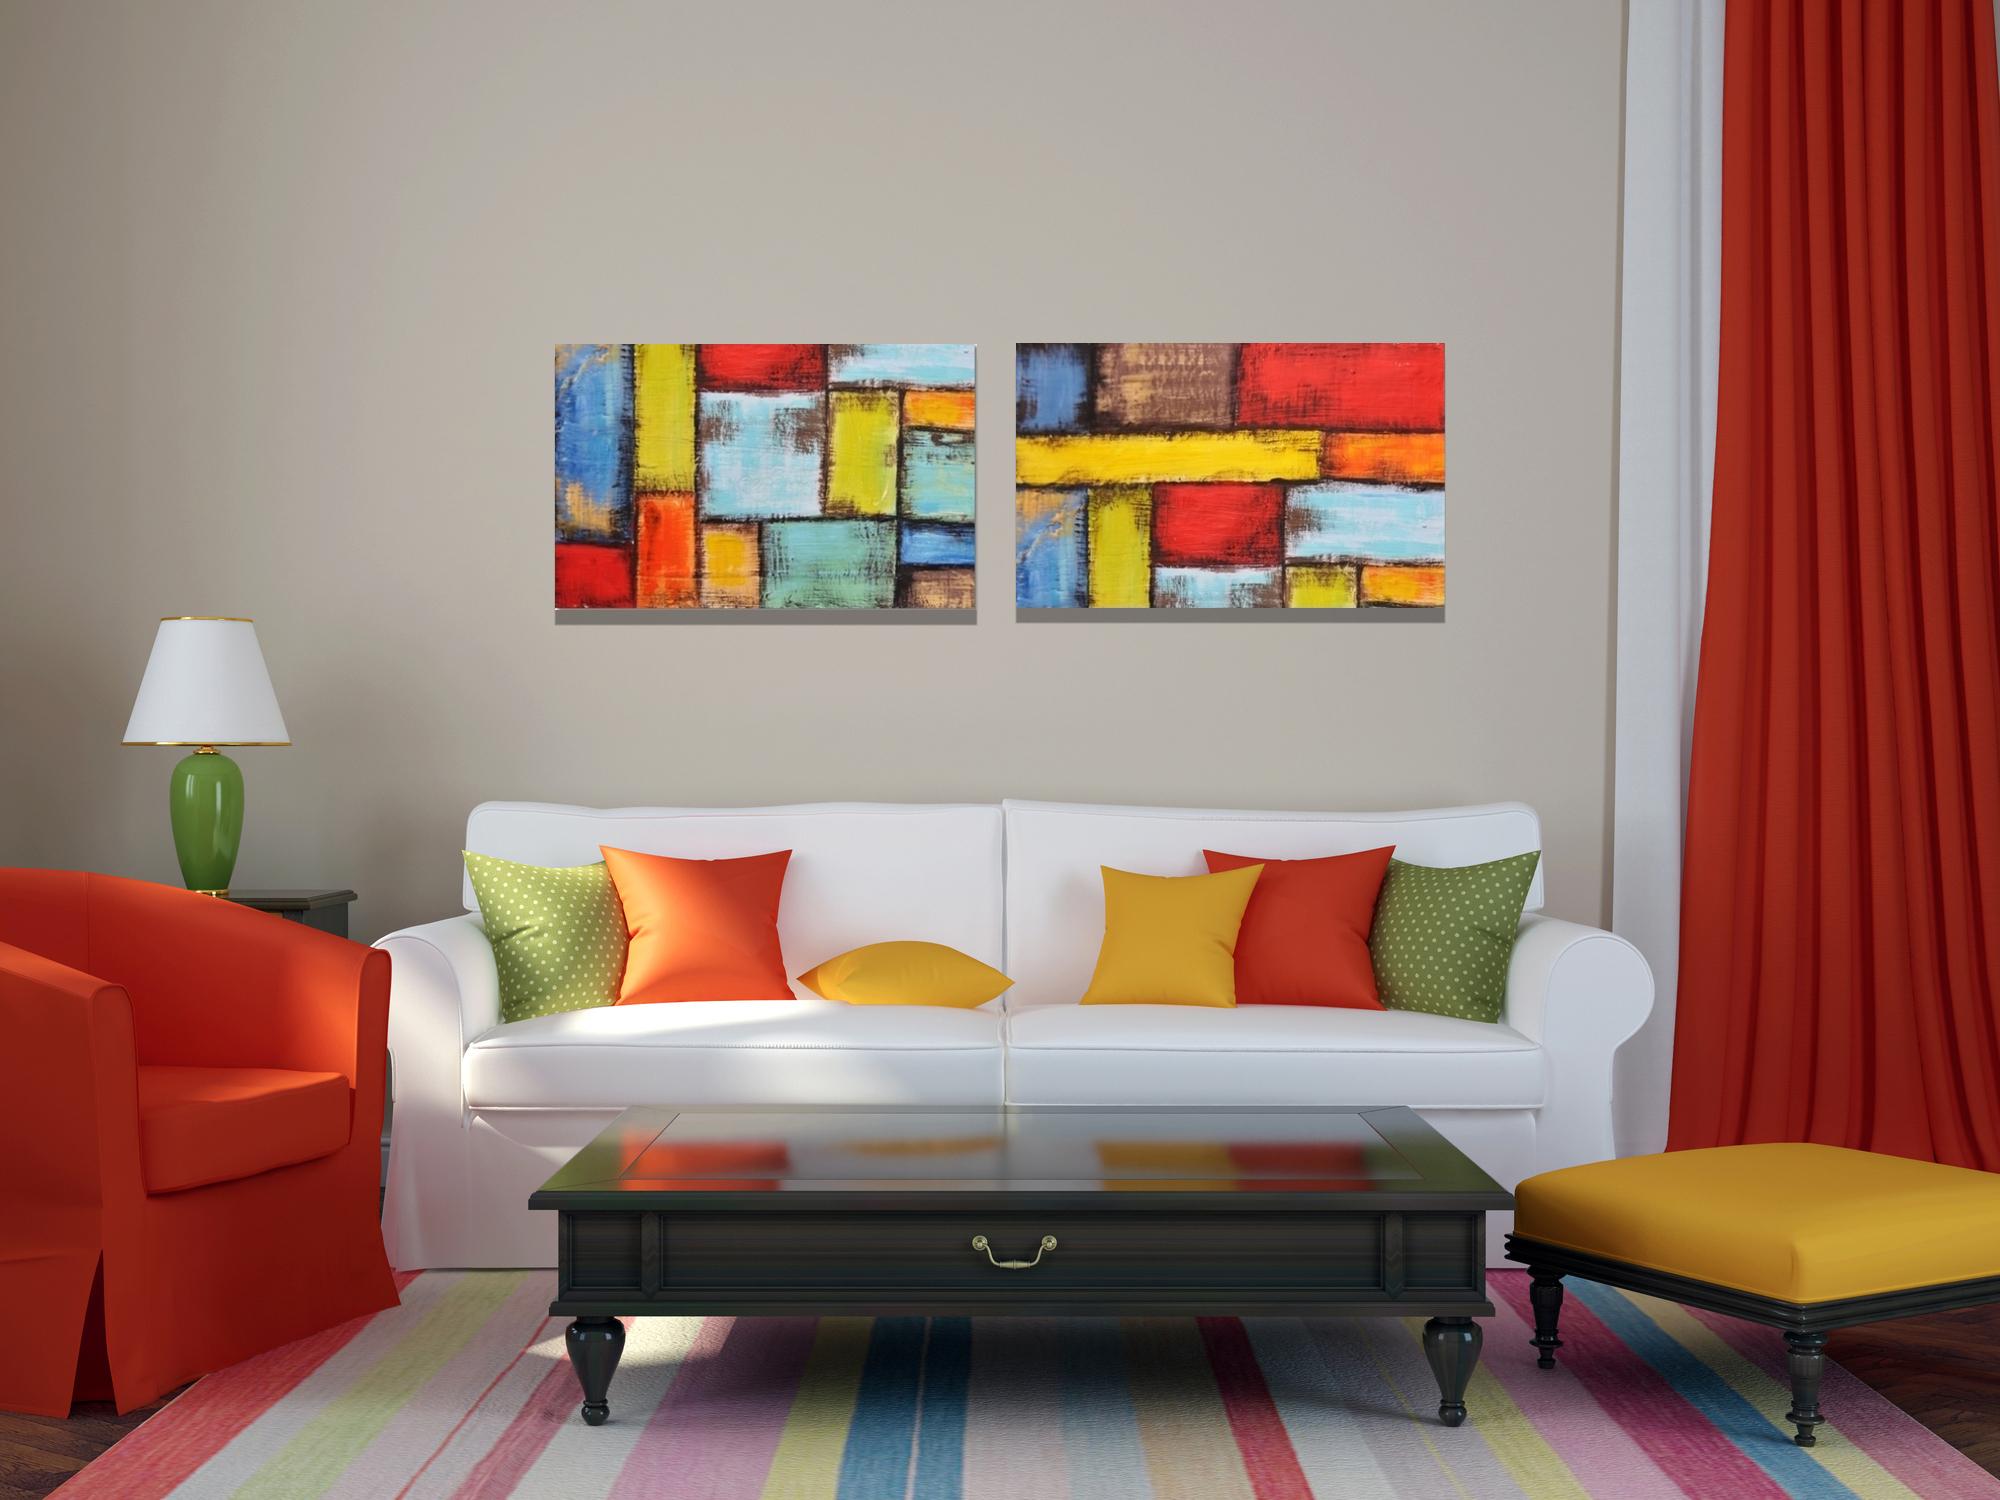 Modern Interieur Schilderij : Metal art schilderij palmbomen jouwschilderijwebshop